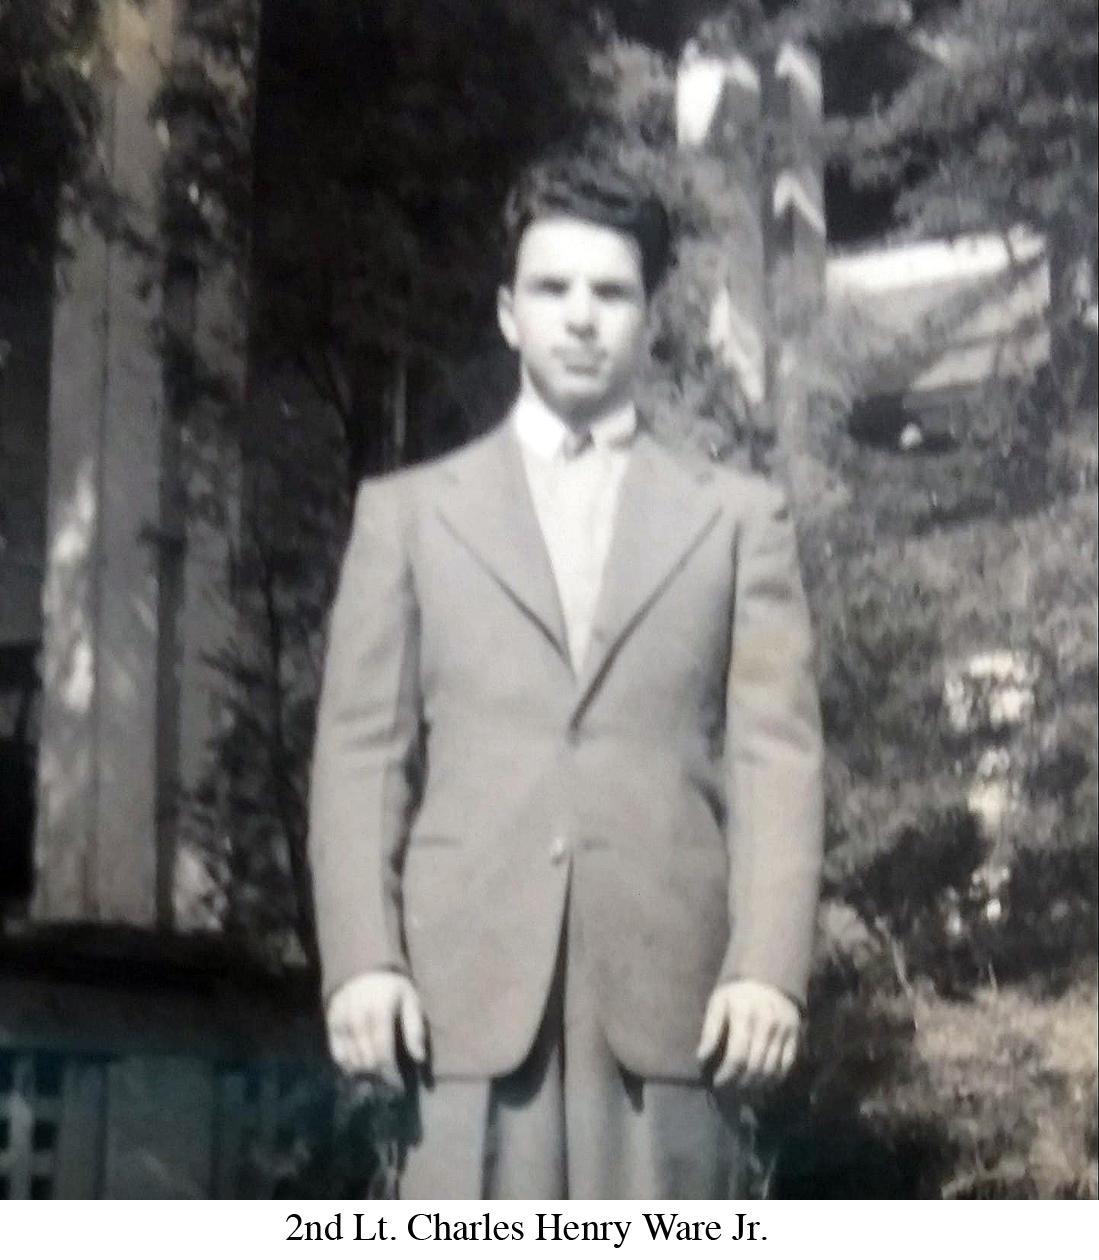 2nd Lt. Charles Henry Ware Jr. suit